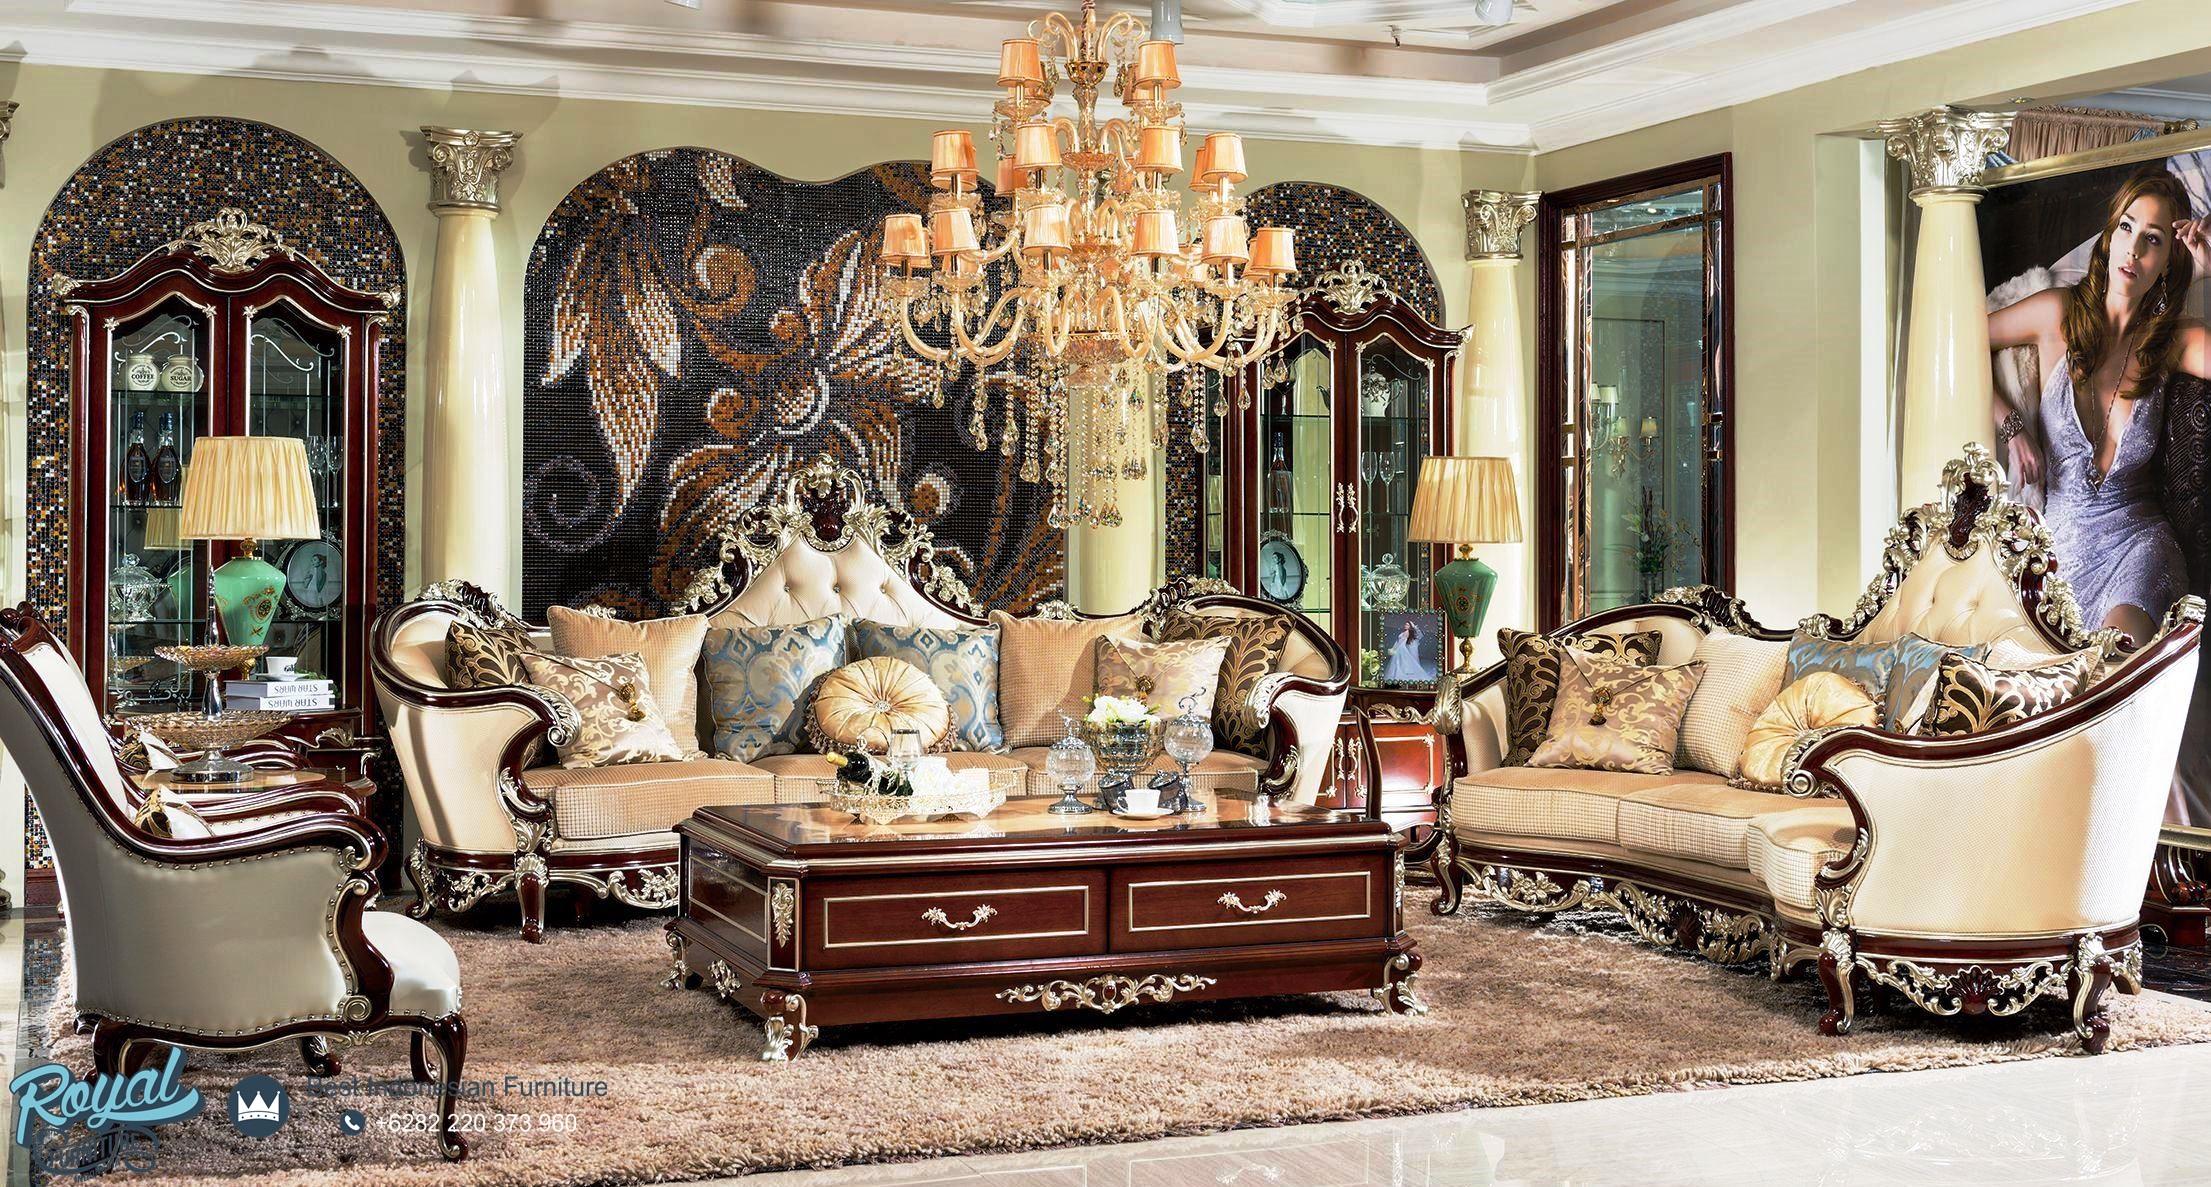 Set Sofa Tamu Klasik Ukiran Jati Jepara Luxury French, kursi mewah ruang tamu, kursi sofa tamu mewah terbaru, Kursi Tamu Mewah Kualitas Terbaik, Kursi Tamu Mewah Minimalis, Kursi Tamu Mewah Modern, kursi tamu sofa mewah, Model Kursi Tamu Mewah, Royal Furniture, Set Kursi Tamu, set sofa tamu jepara terbaru, Set Sofa Tamu Klasik, Set Sofa Tamu Mewah, Set Sofa Tamu Modern, set sofa tamu ukir classic, sofa mewah minimalis, sofa mewah modern, sofa ruang tamu jati jepara, Sofa Tamu Jati, sofa tamu klasik gold duco, sofa tamu mewah, Sofa Tamu Ukir Jepara, Sofa Tamu Ukir Mewah, Sofa Tamu Ukiran Jepara